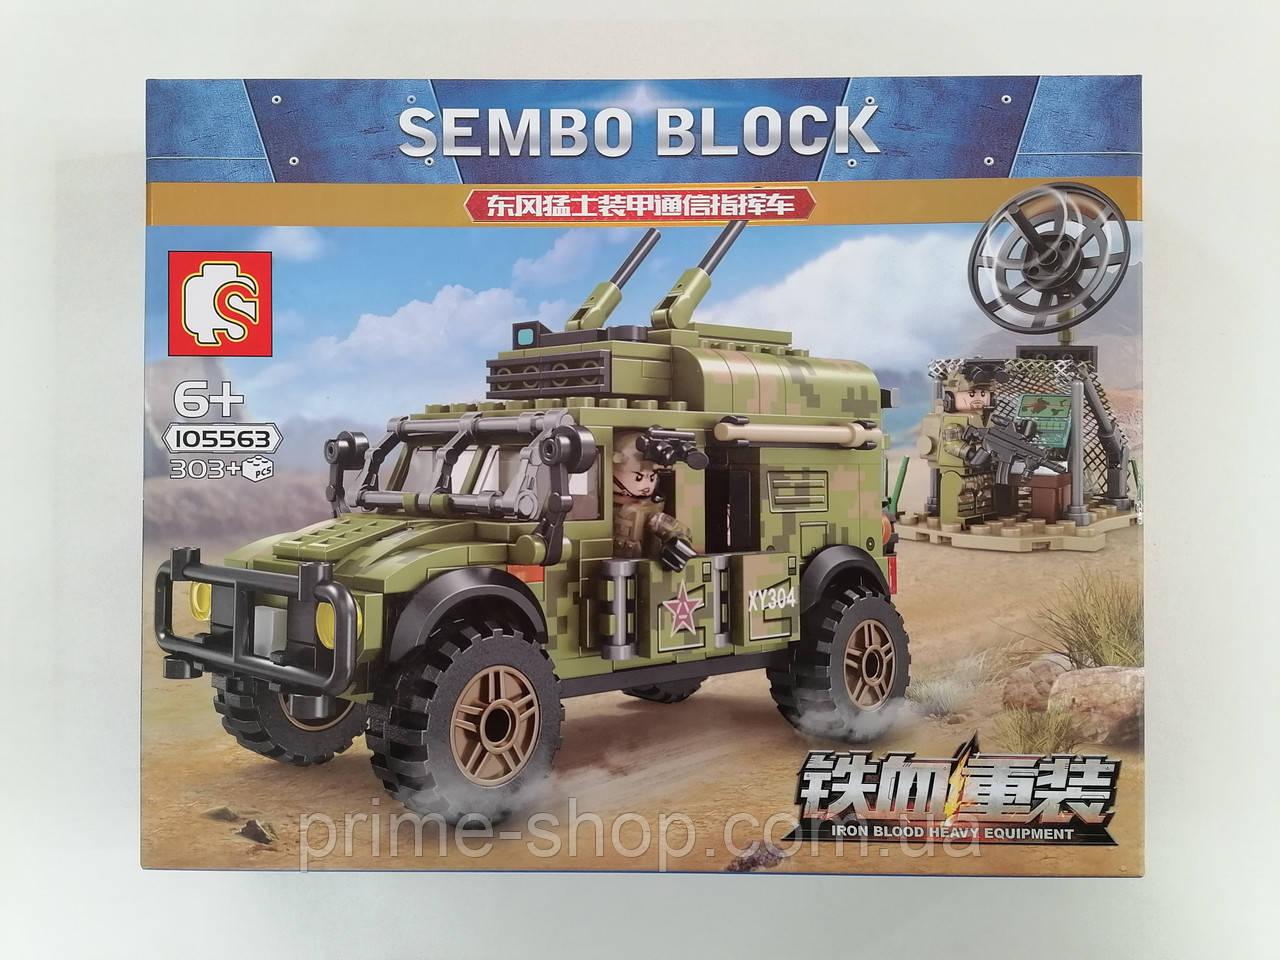 Конструктор 105563 Военный джип 303 детали, в коробке